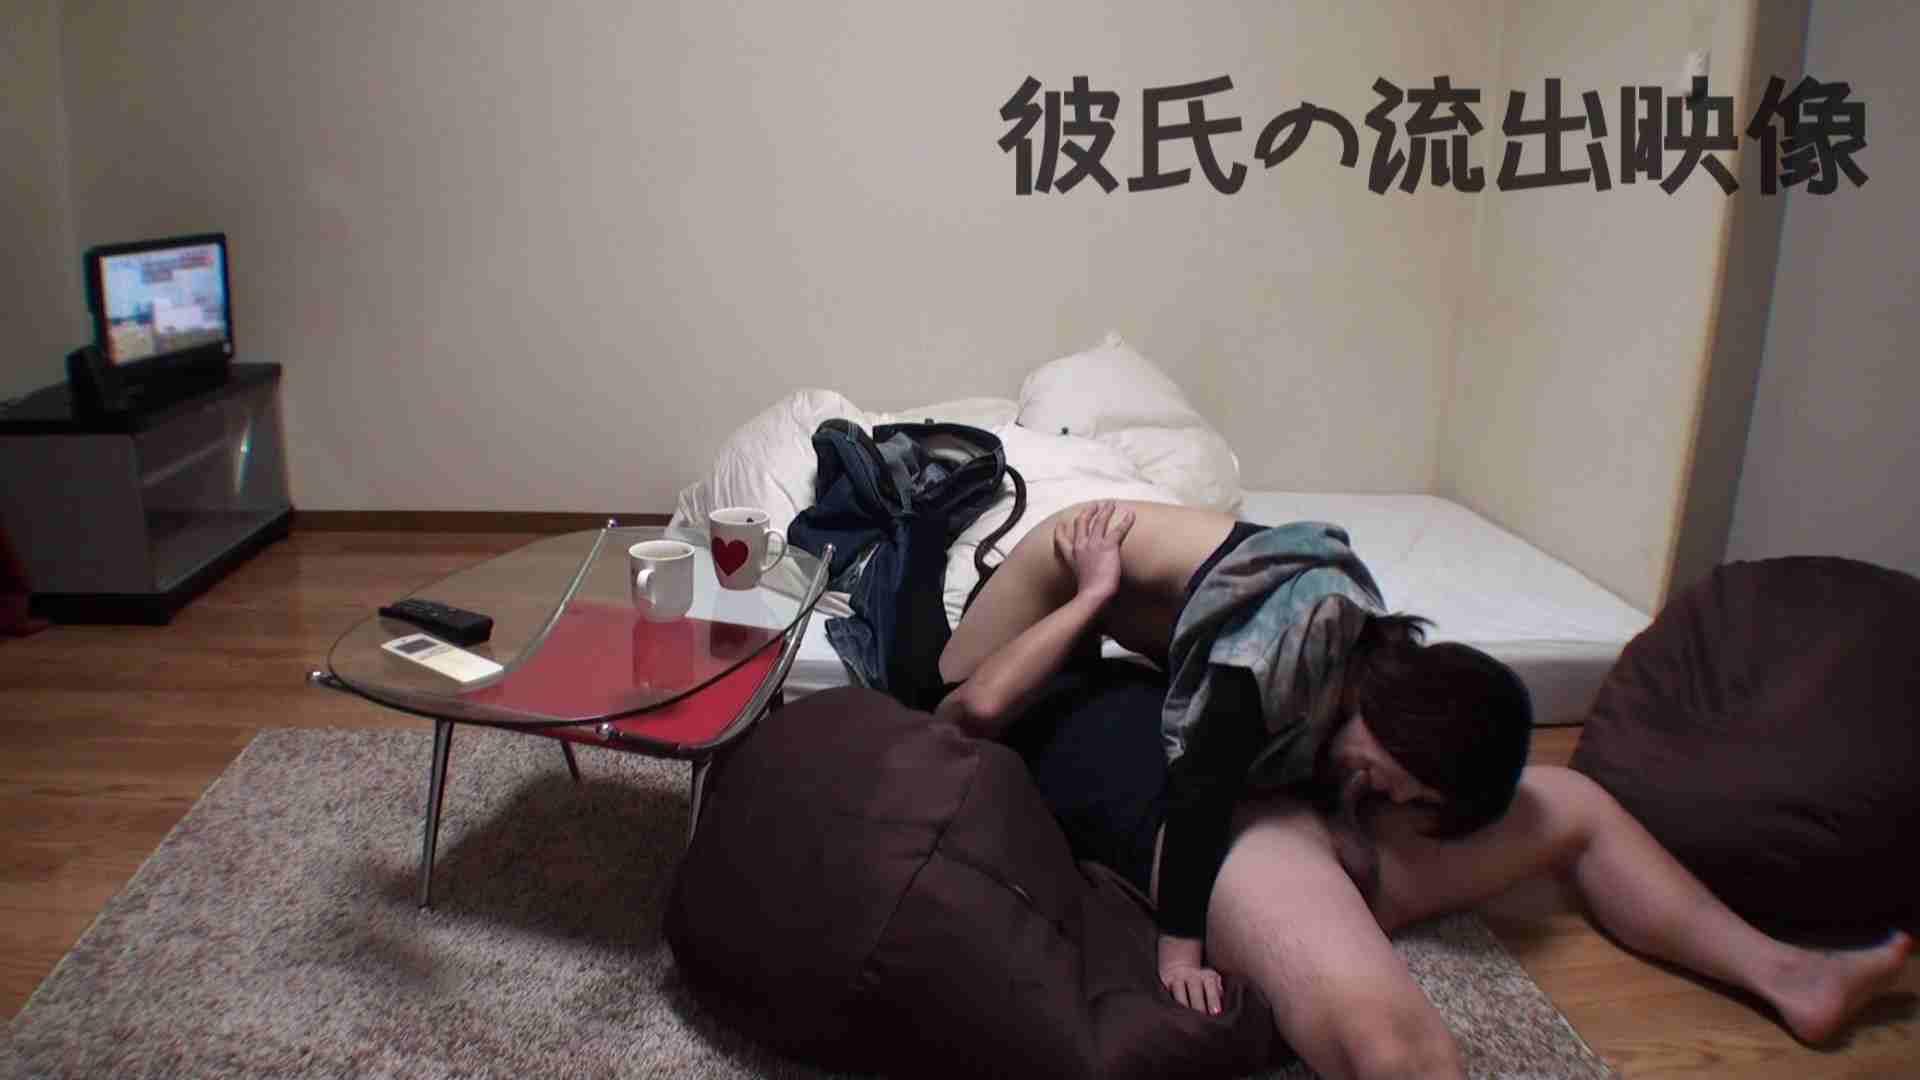 彼氏が流出 パイパン素人嬢のハメ撮り映像02 エッチな素人  95枚 66